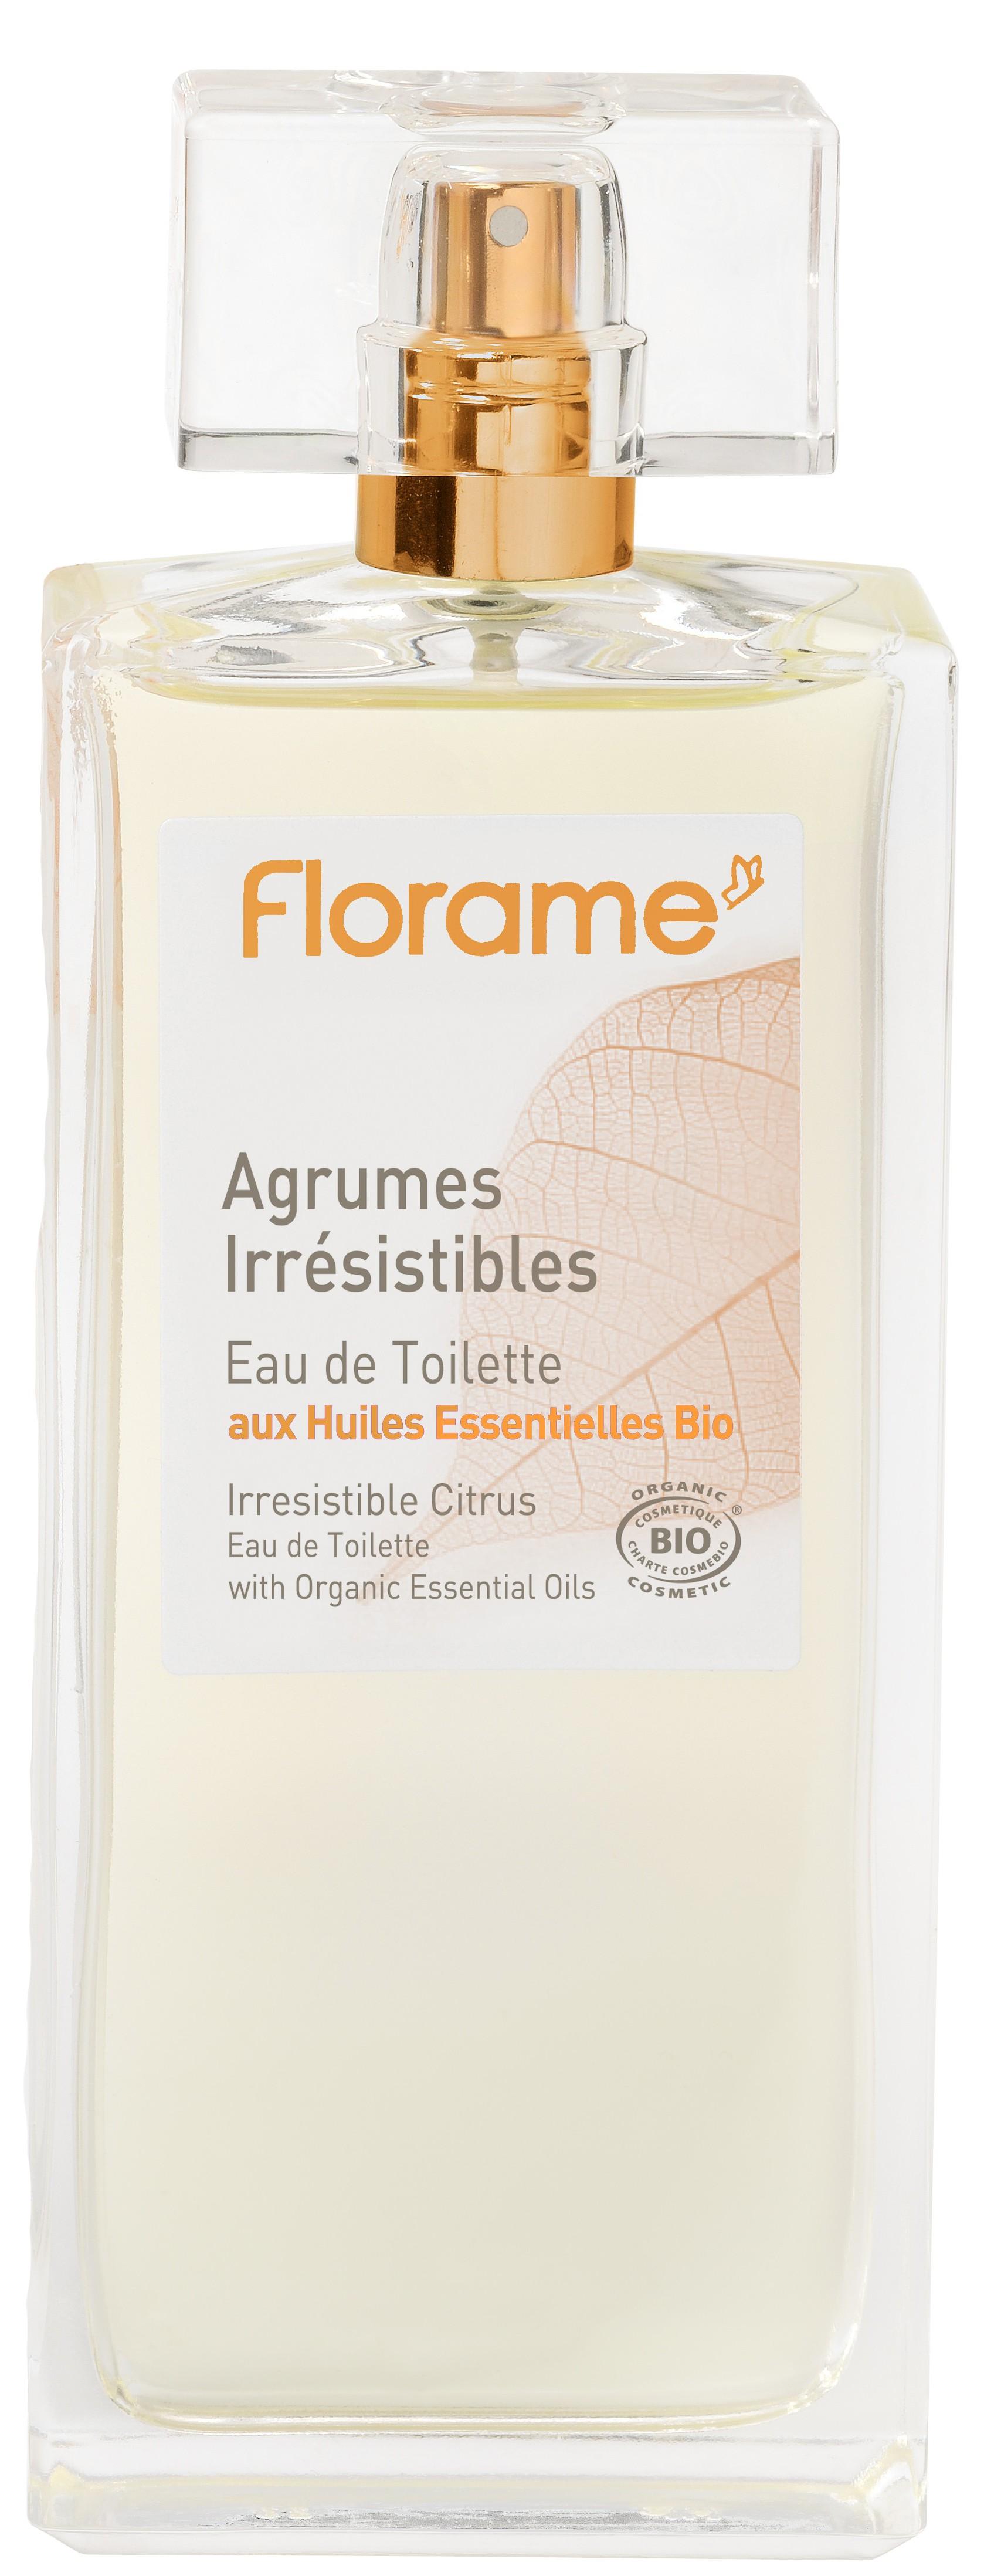 Florame Agrumes Irresistibles аромат для женщин